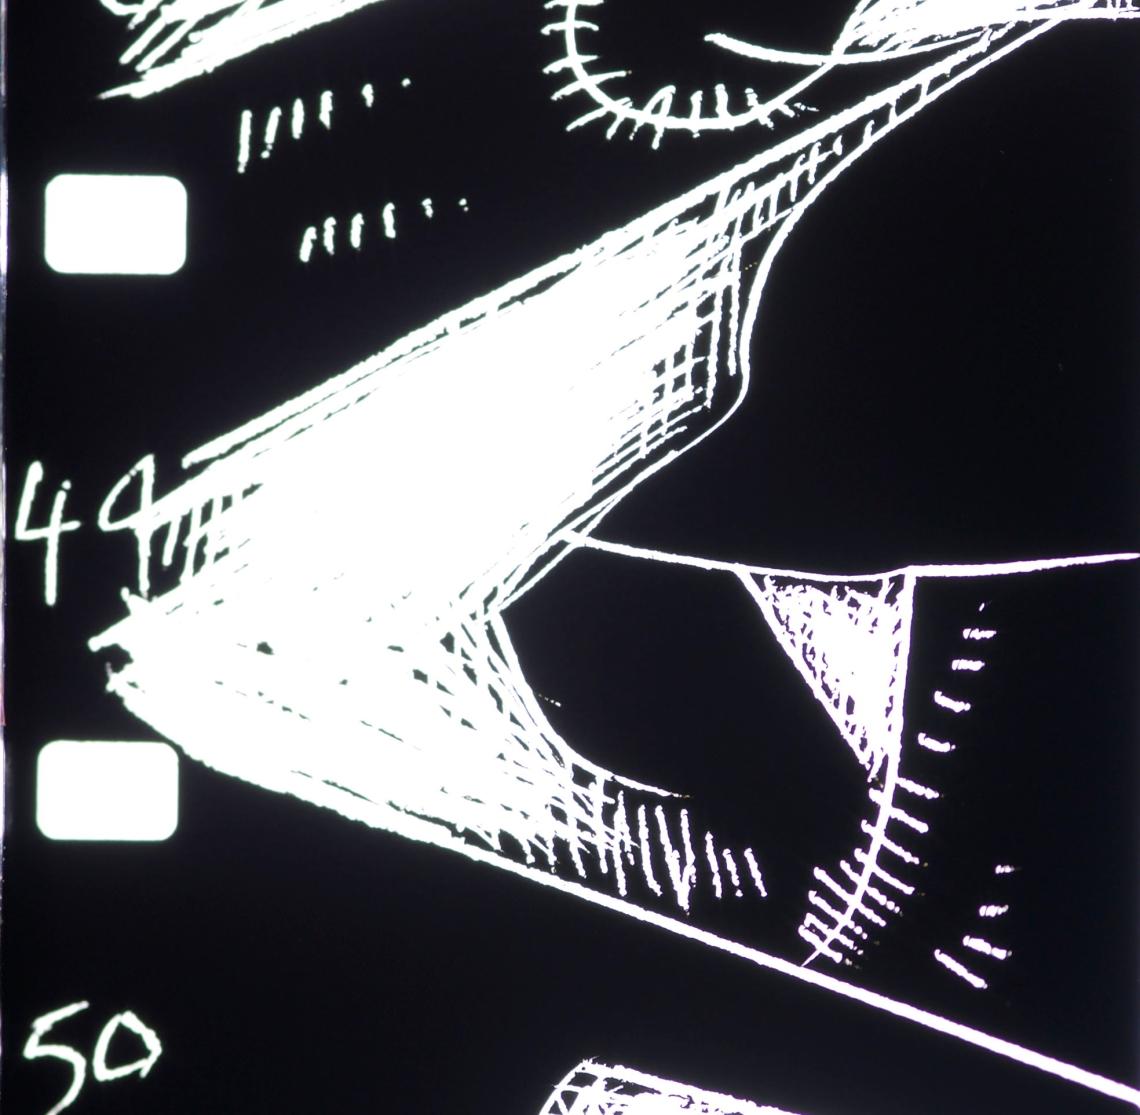 kayla-parker-measure-10 (1) copy.jpg